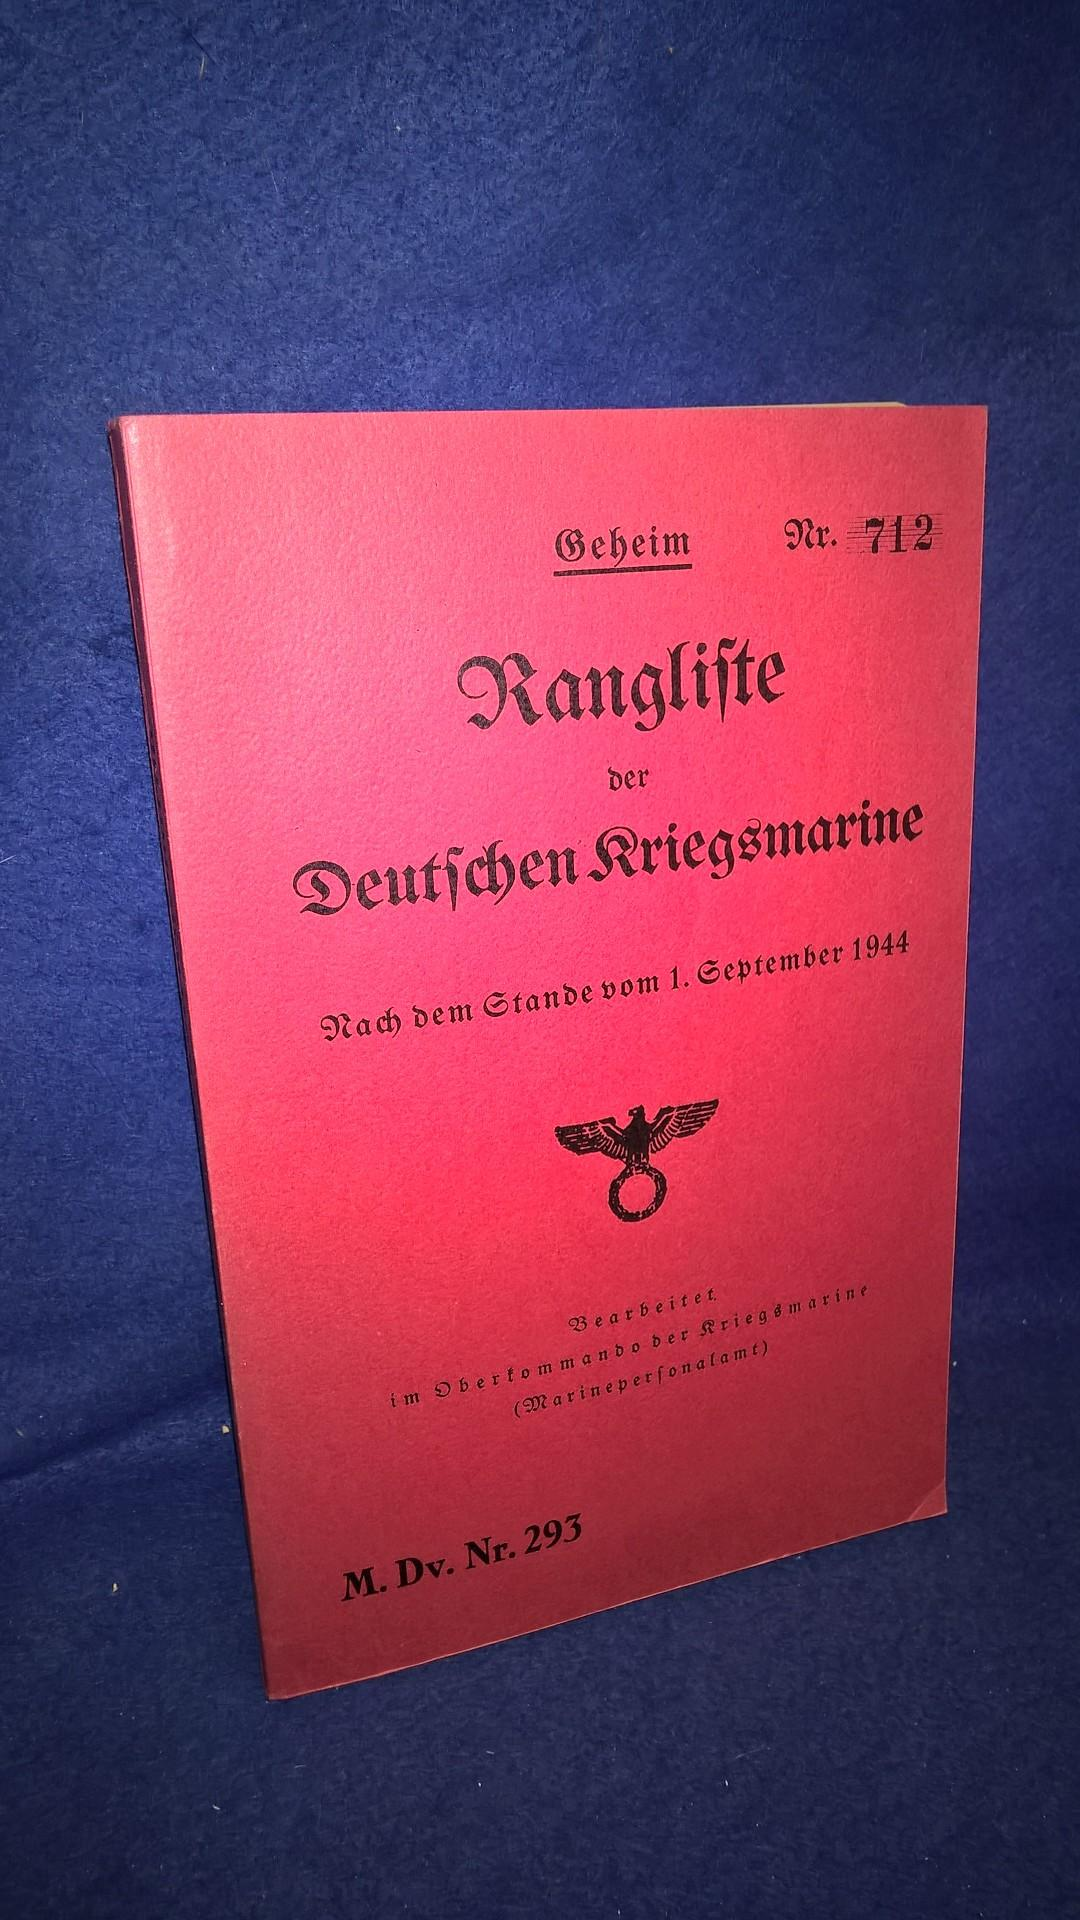 Rangliste der Deutschen Kriegsmarine. Nach dem Stande vom 1. September 1944. Bearbeitet im Oberkommando der Kriegsmarine (Marinepersonalamt). M. Dv. Nr. 293. Nachdruck!